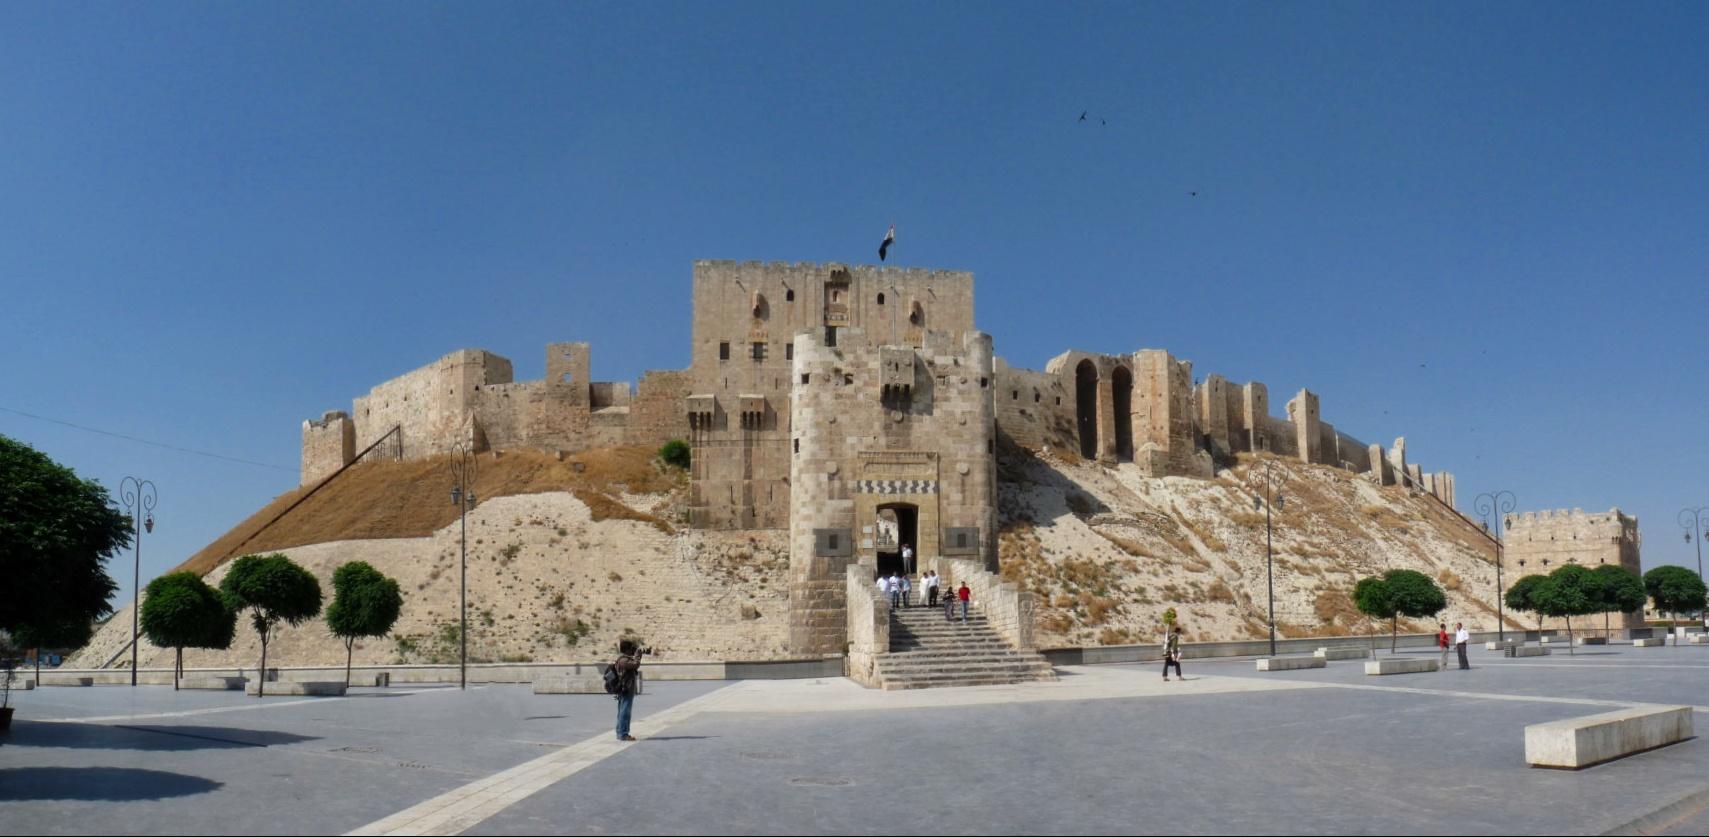 Citadel of Aleppo e1463589150936